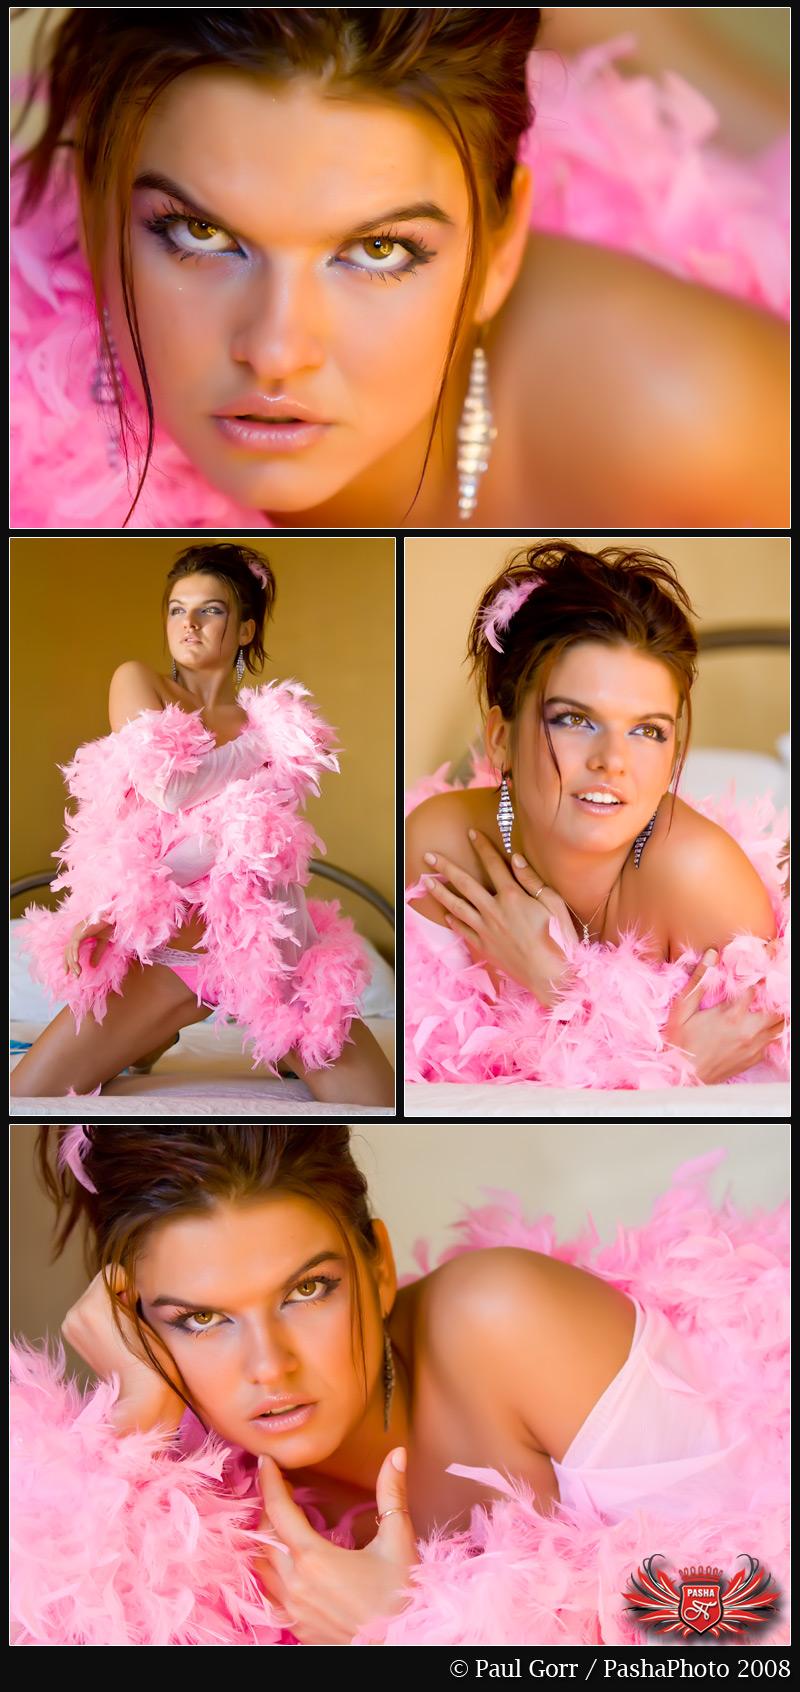 Metuchen, NJ May 23, 2008 Paul Gorr - PashaPhoto 2008 Lana - Pink